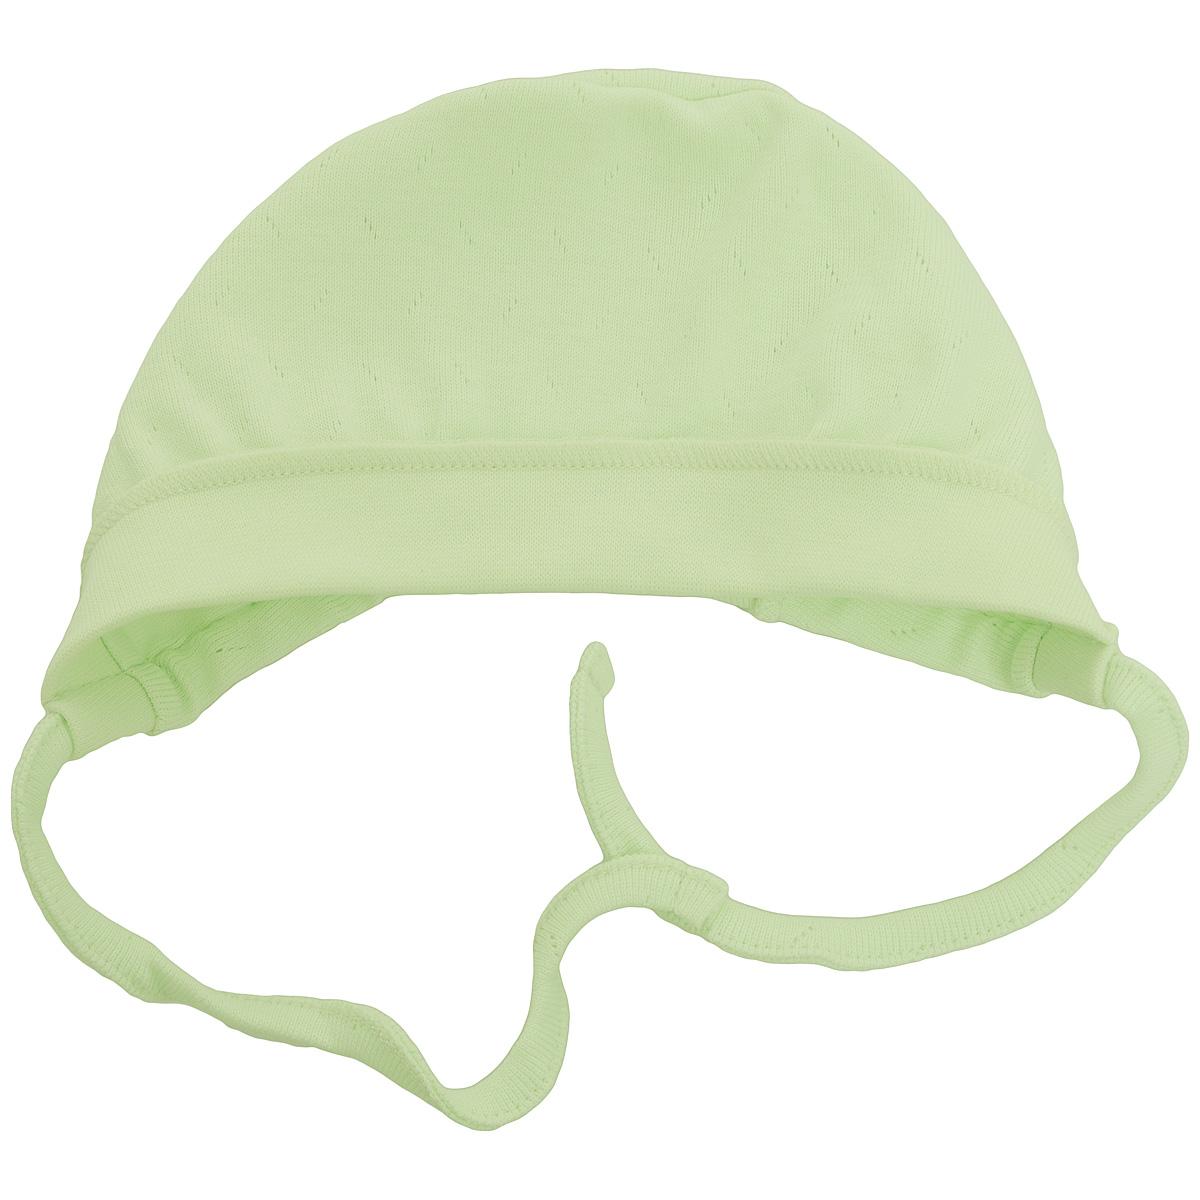 Чепчик1-10ММягкий чепчик Lucky Child защищает еще не заросший родничок, щадит чувствительный слух малыша, прикрывая ушки, и предохраняет от теплопотерь. Изготовленный из натурального хлопка, он необычайно мягкий и легкий, не раздражает нежную кожу ребенка и хорошо вентилируется. Чепчик по лицевому краю дополнен трикотажной эластичной резинкой. С помощью завязок, можно регулировать обхват чепчика. Швы, выполненные наружу, обеспечивают максимальный комфорт ребенку.